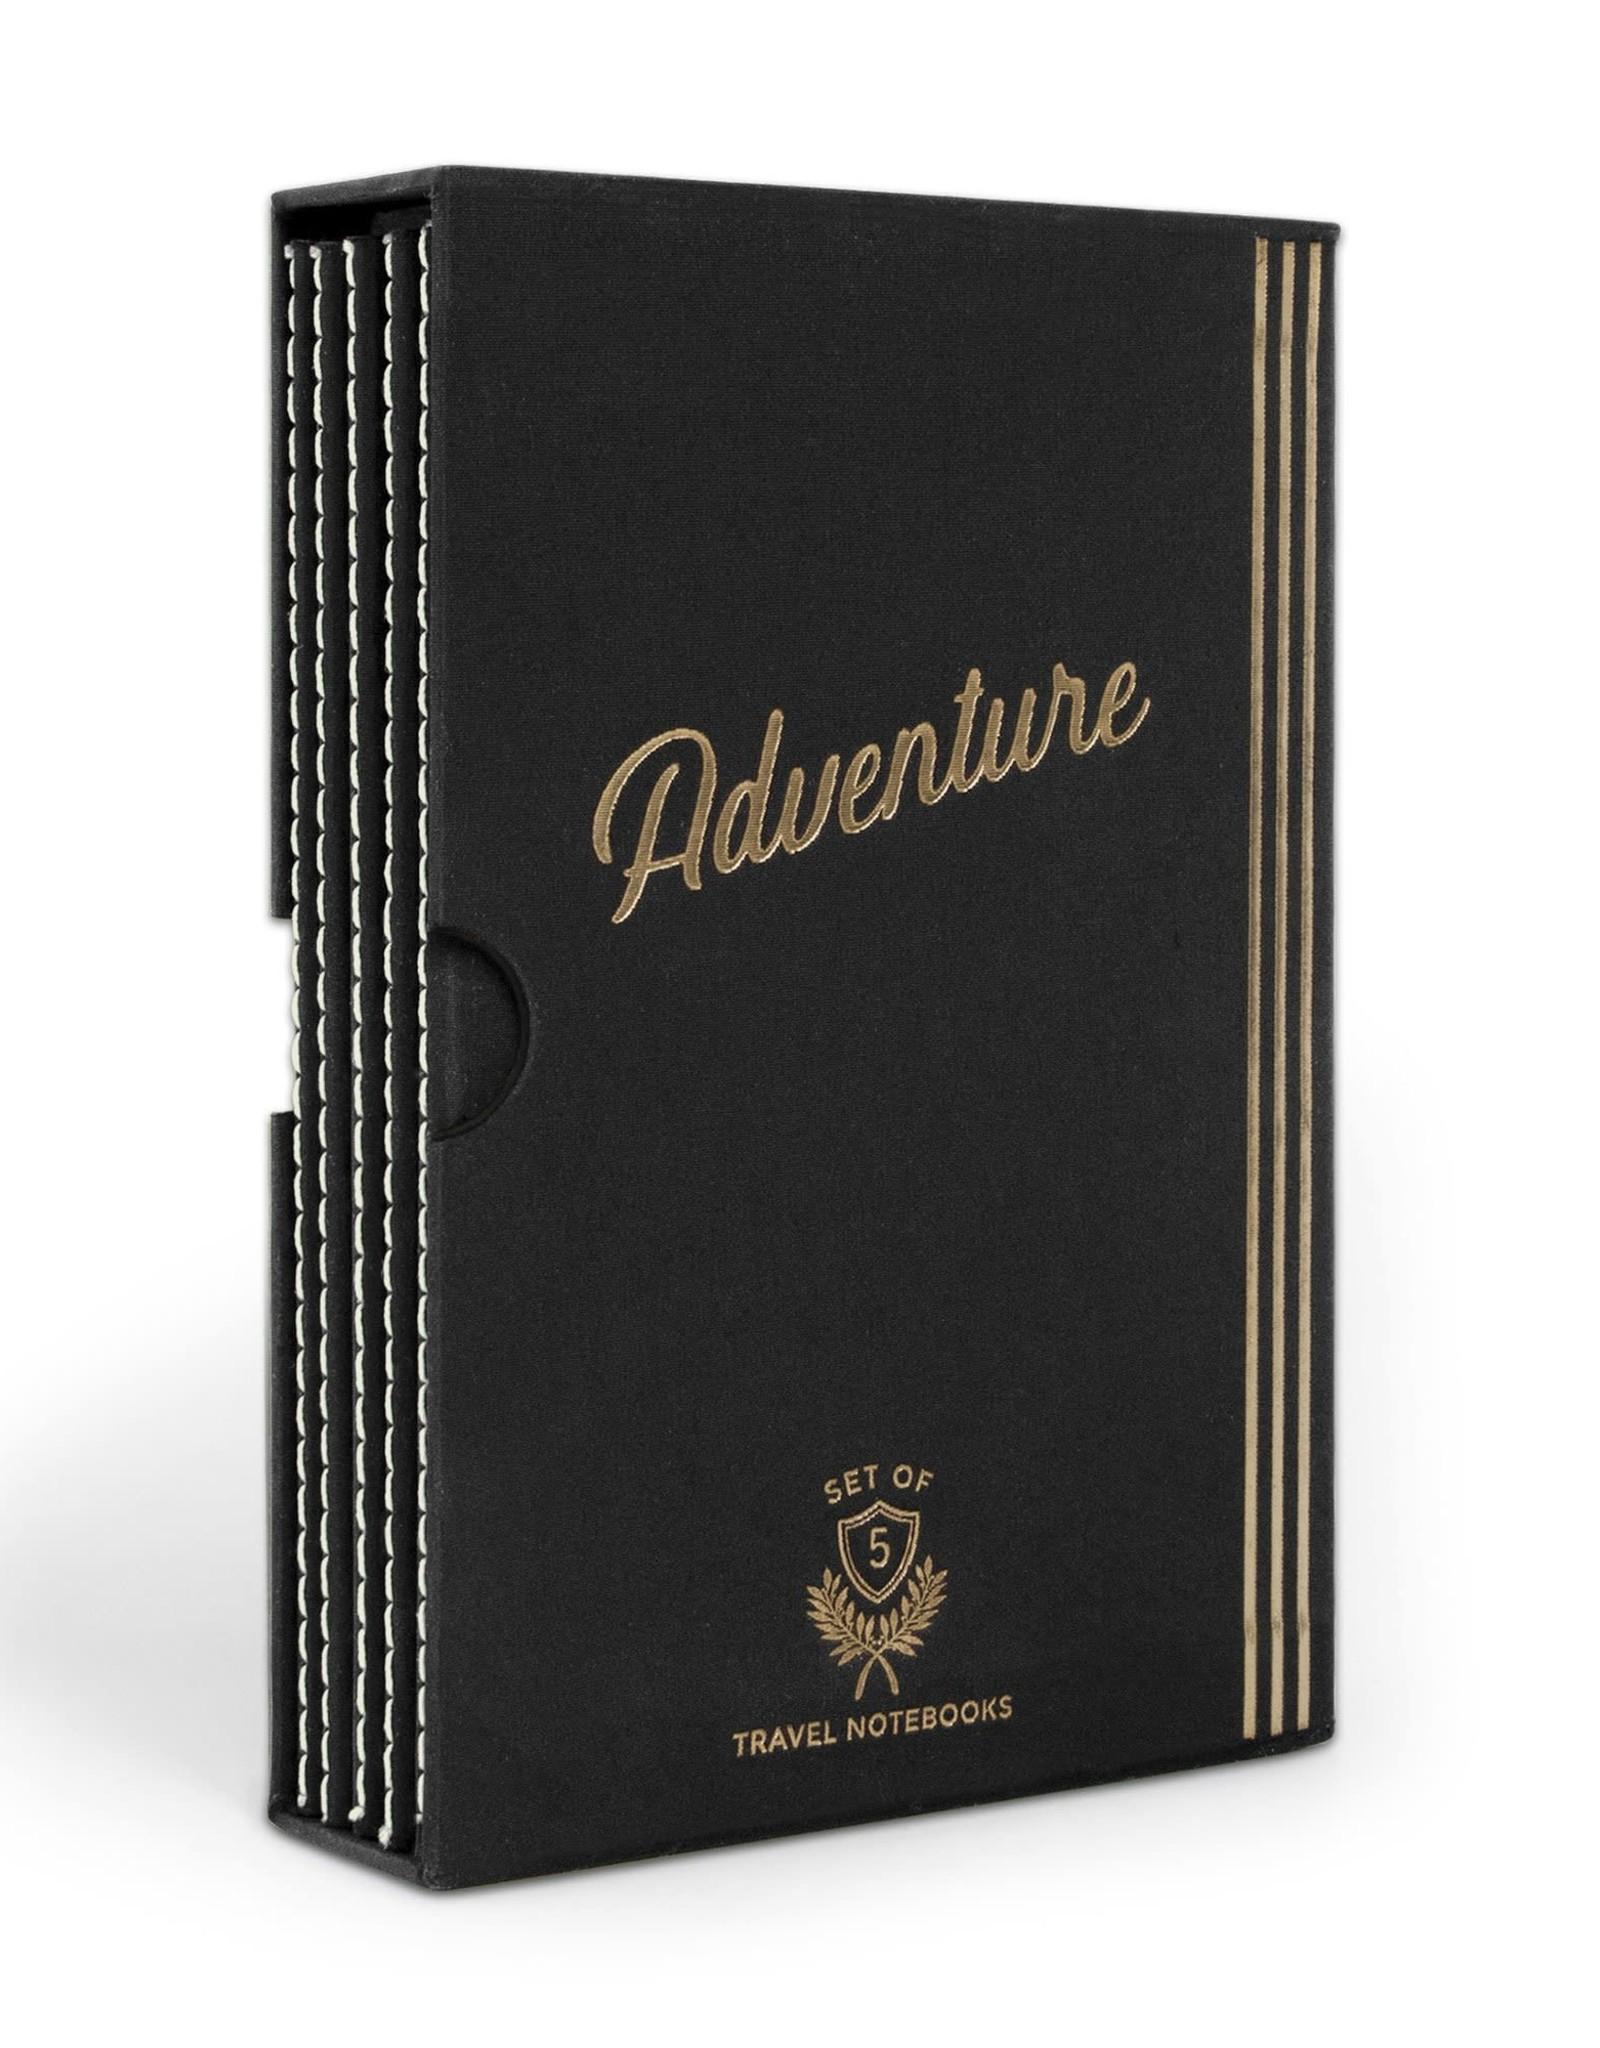 Designworks Ink Boxed Set of 5 Travel Journals